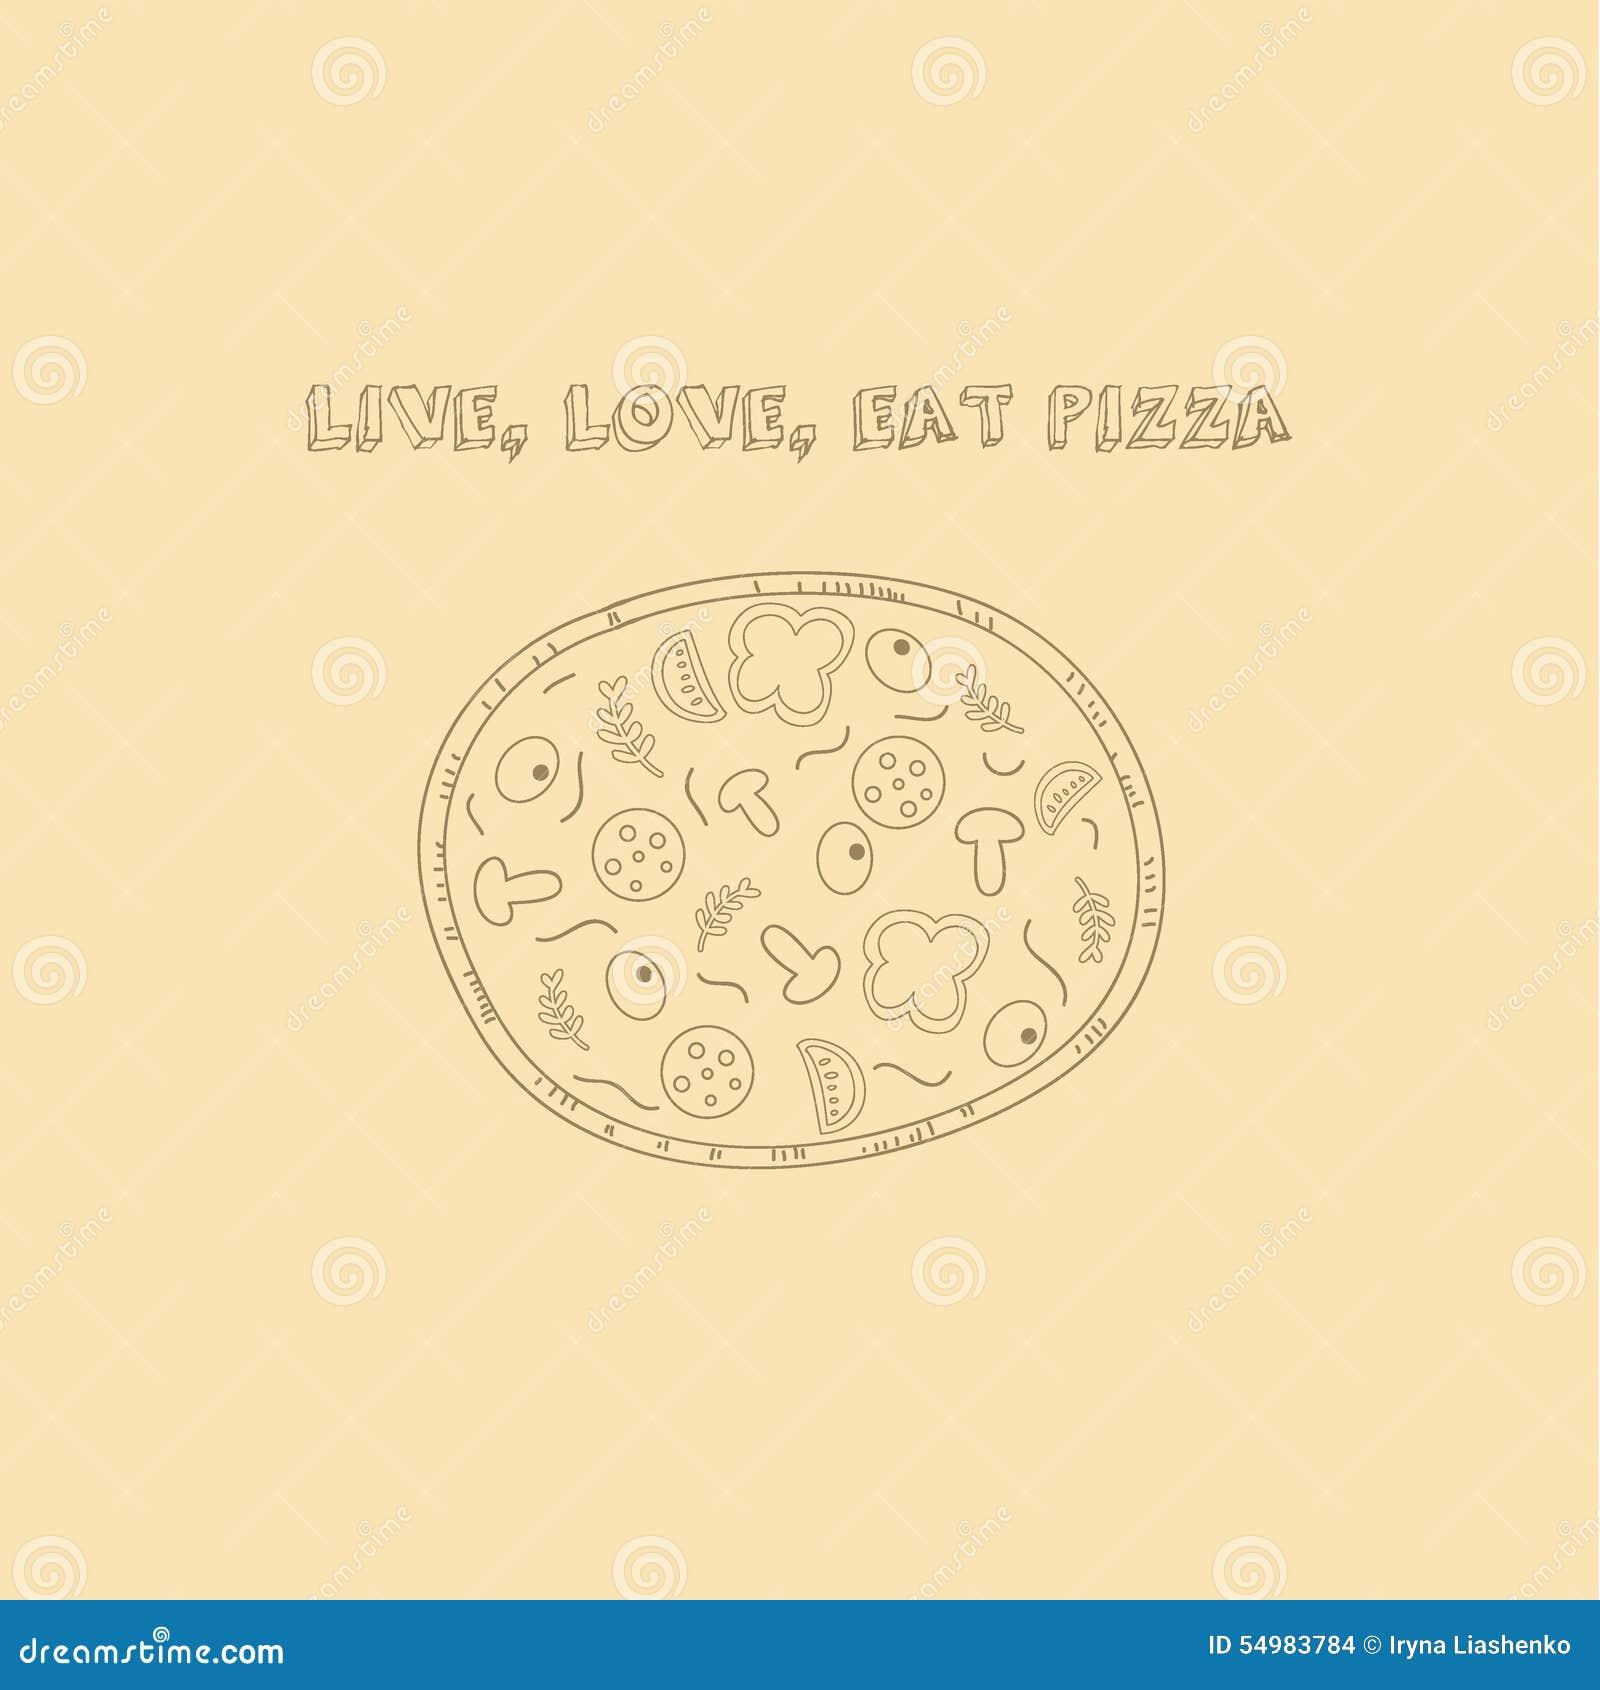 Hand getrokken pizza in retro stijl met slogan